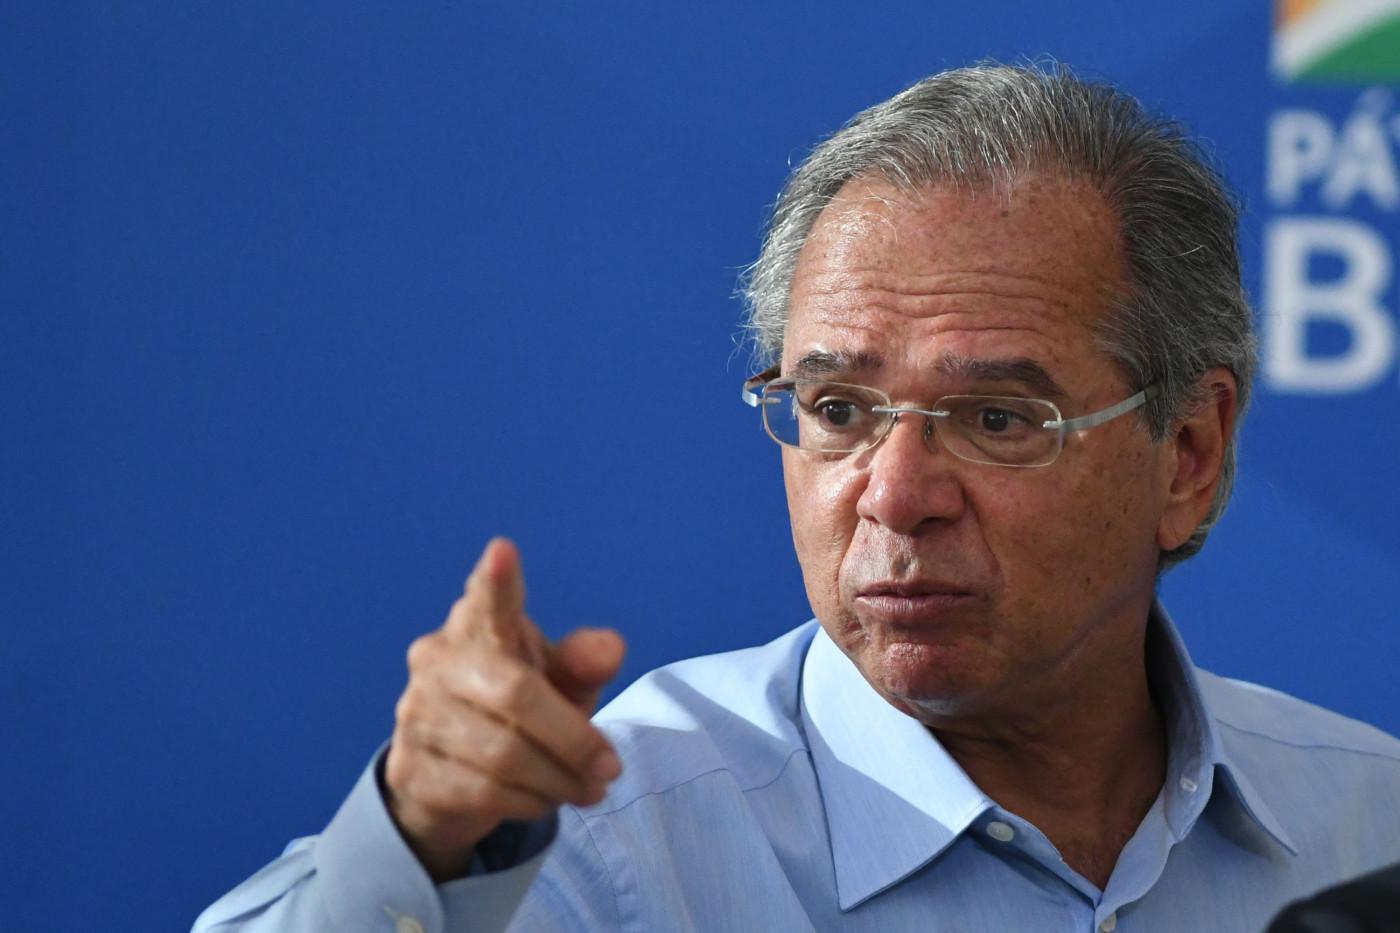 Ministro da Economia, Paulo Guedes, afirmou que auxílio emergencial terá base de R$ 250, mas pode variar de R$ 175 a R$ 375